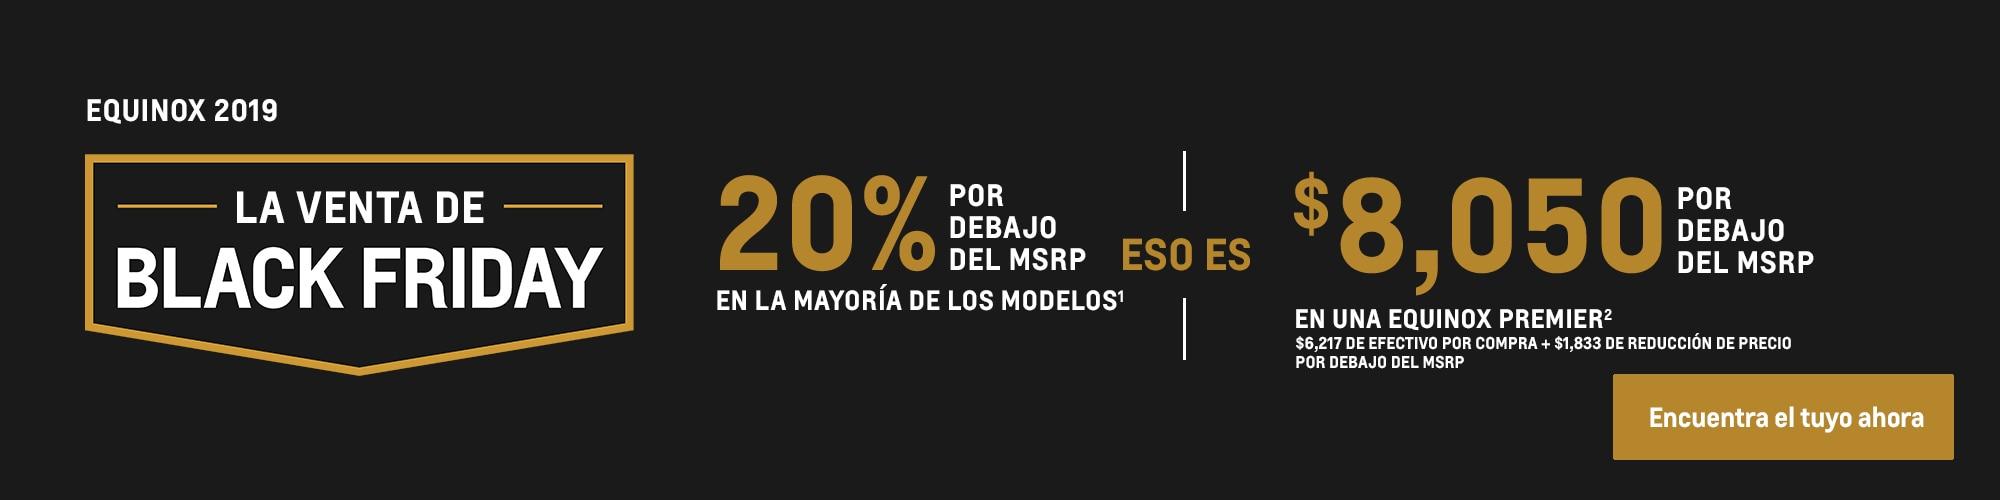 Equinox 2019: 20% por debajo del MSRP